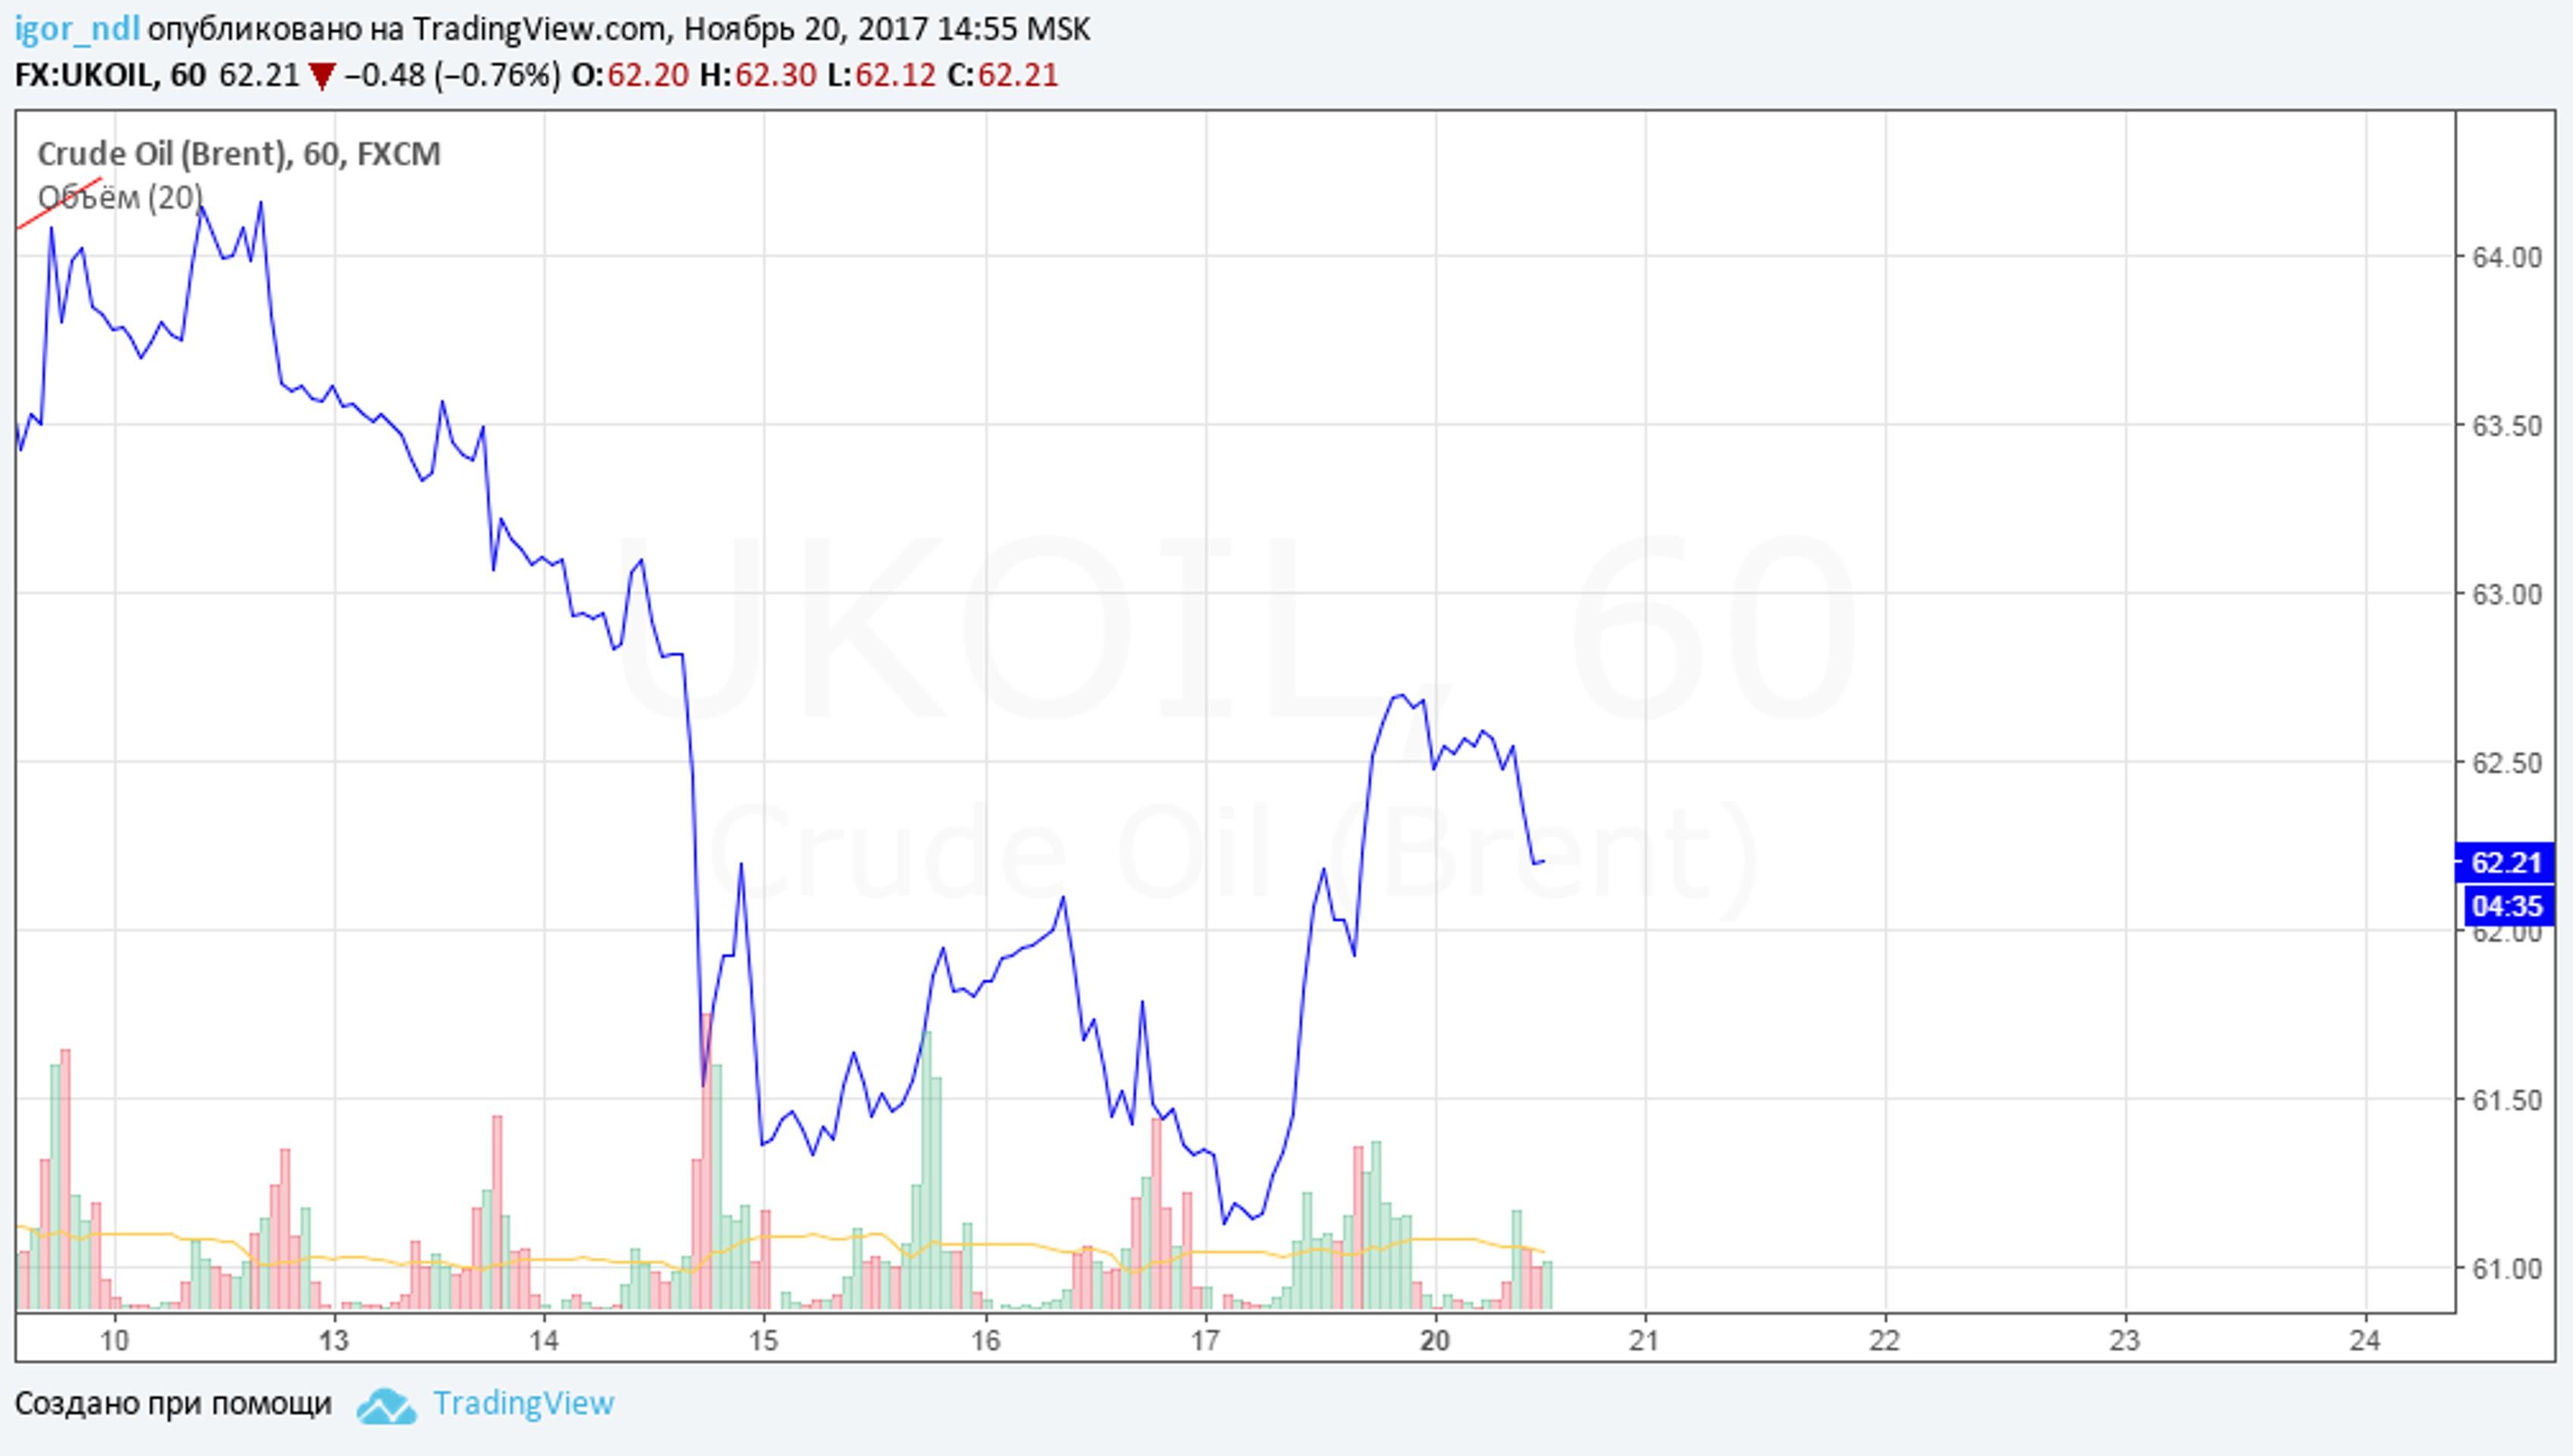 Нефть возобновила снижение, утянув за собой рубль